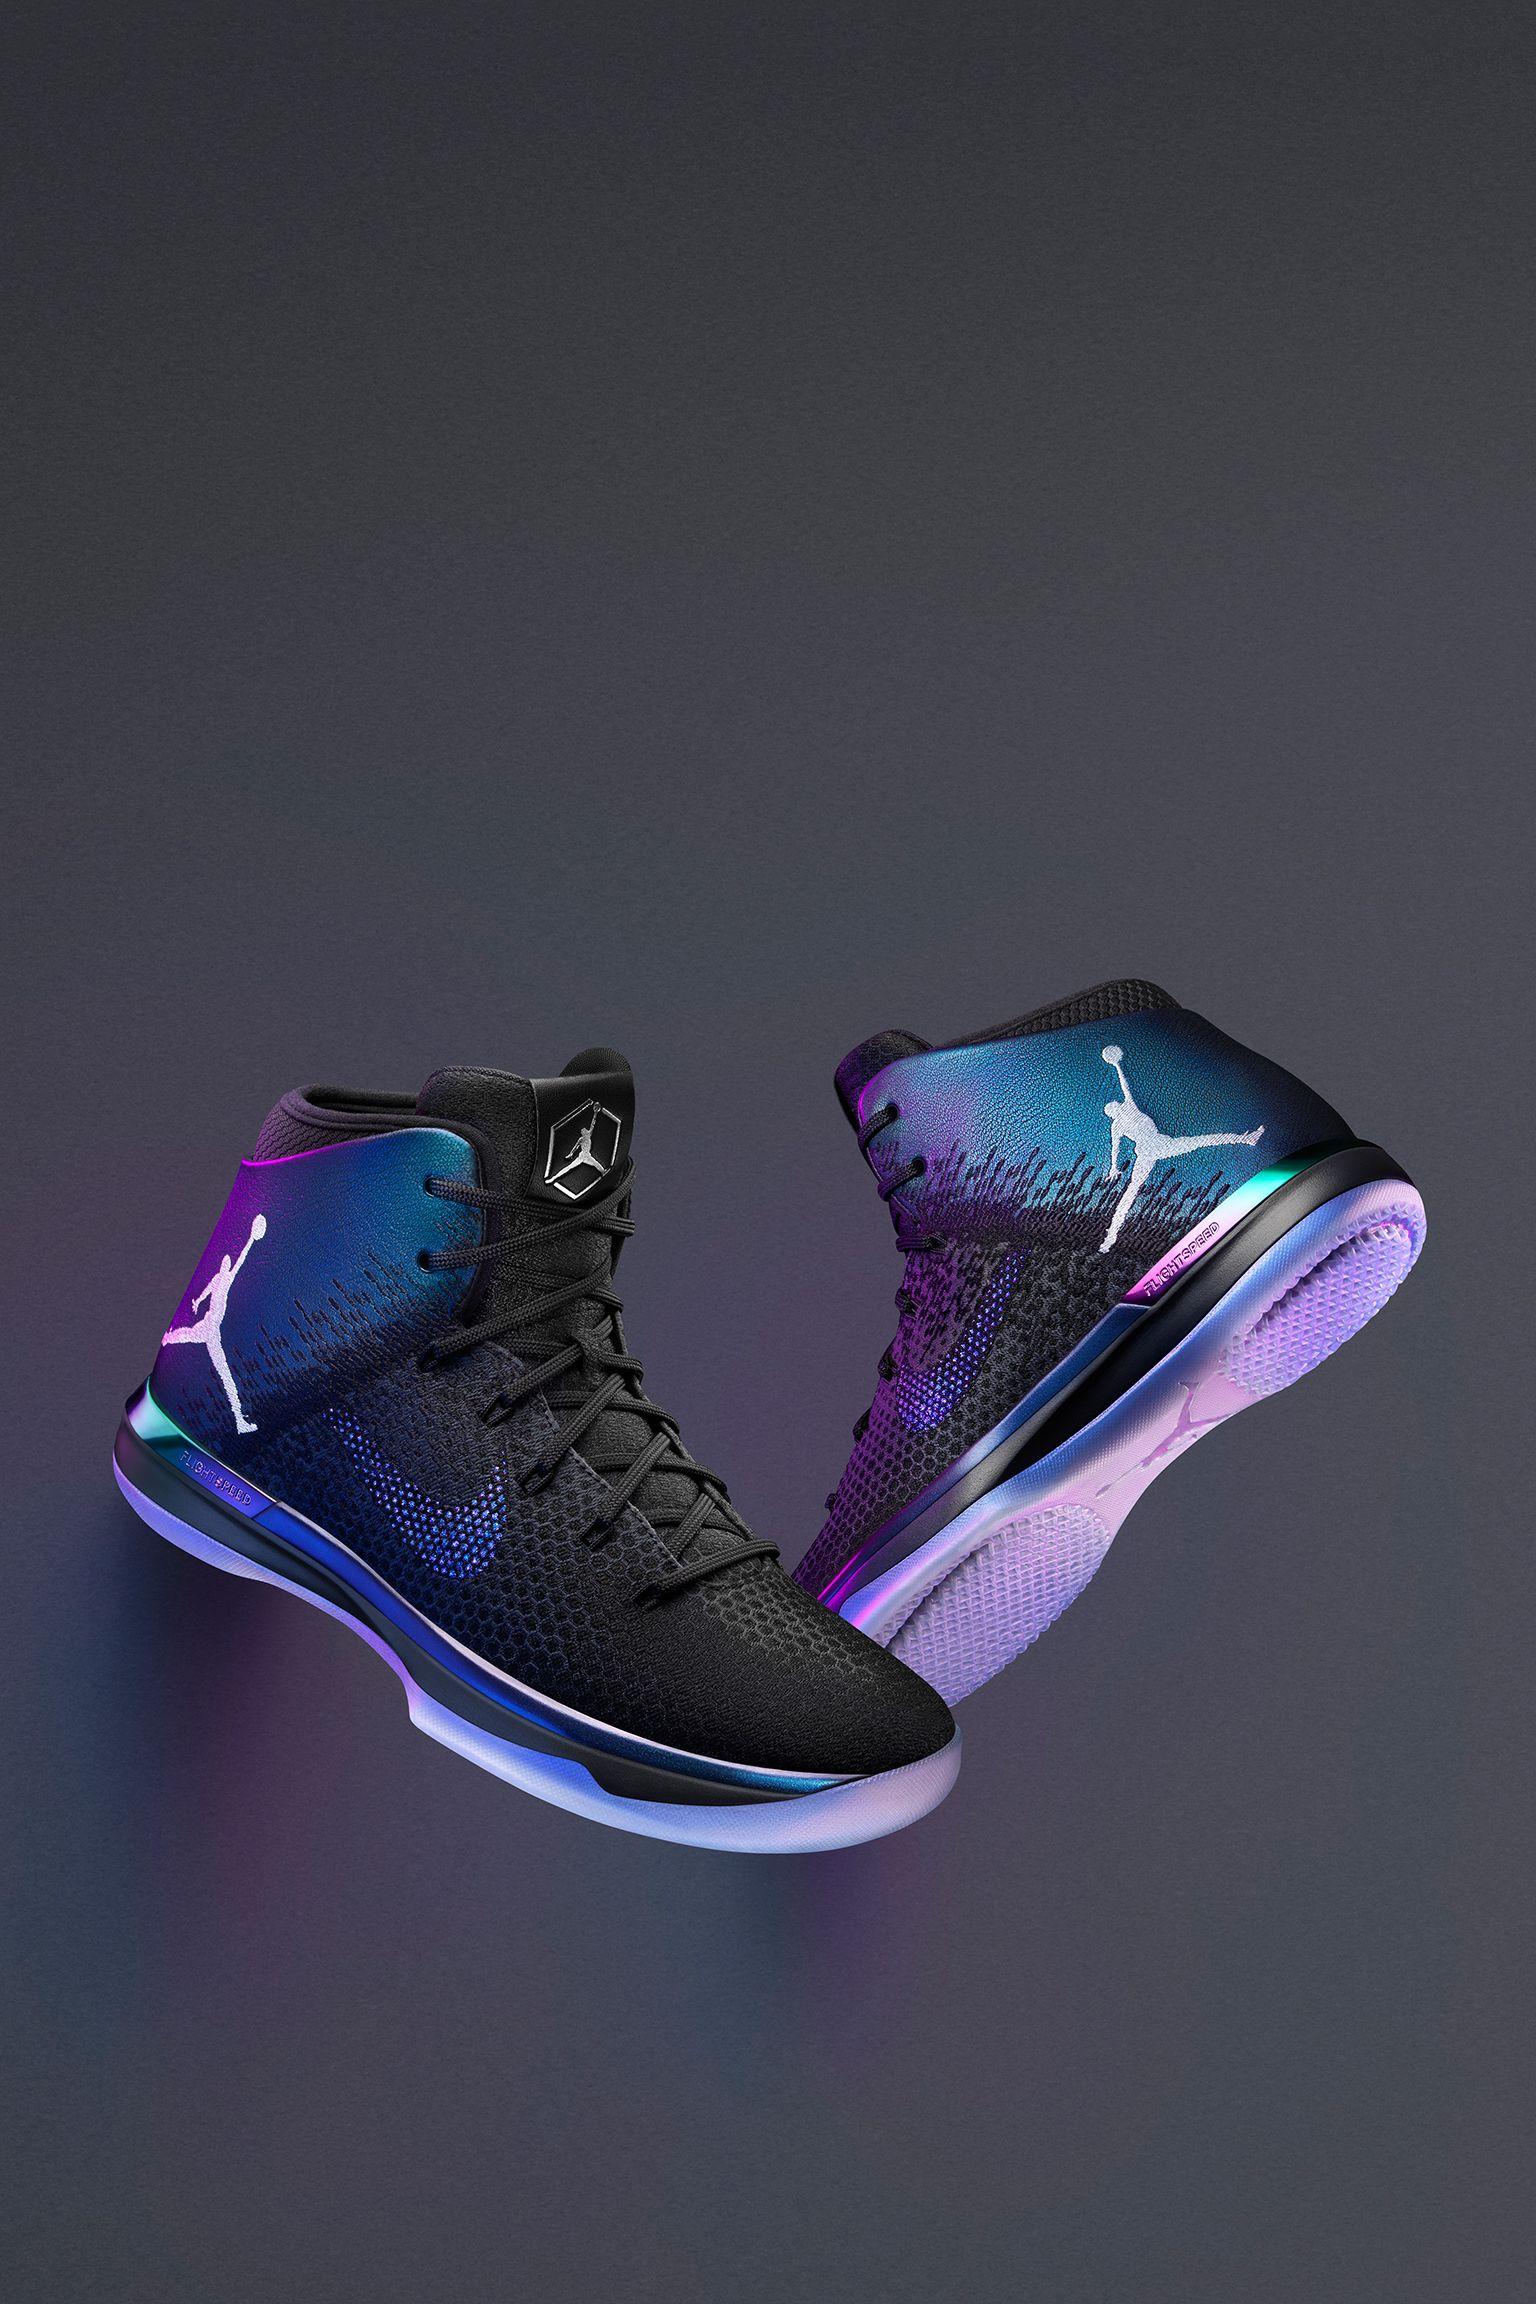 Air Jordan 31 Gotta Shine Nike SNKRS